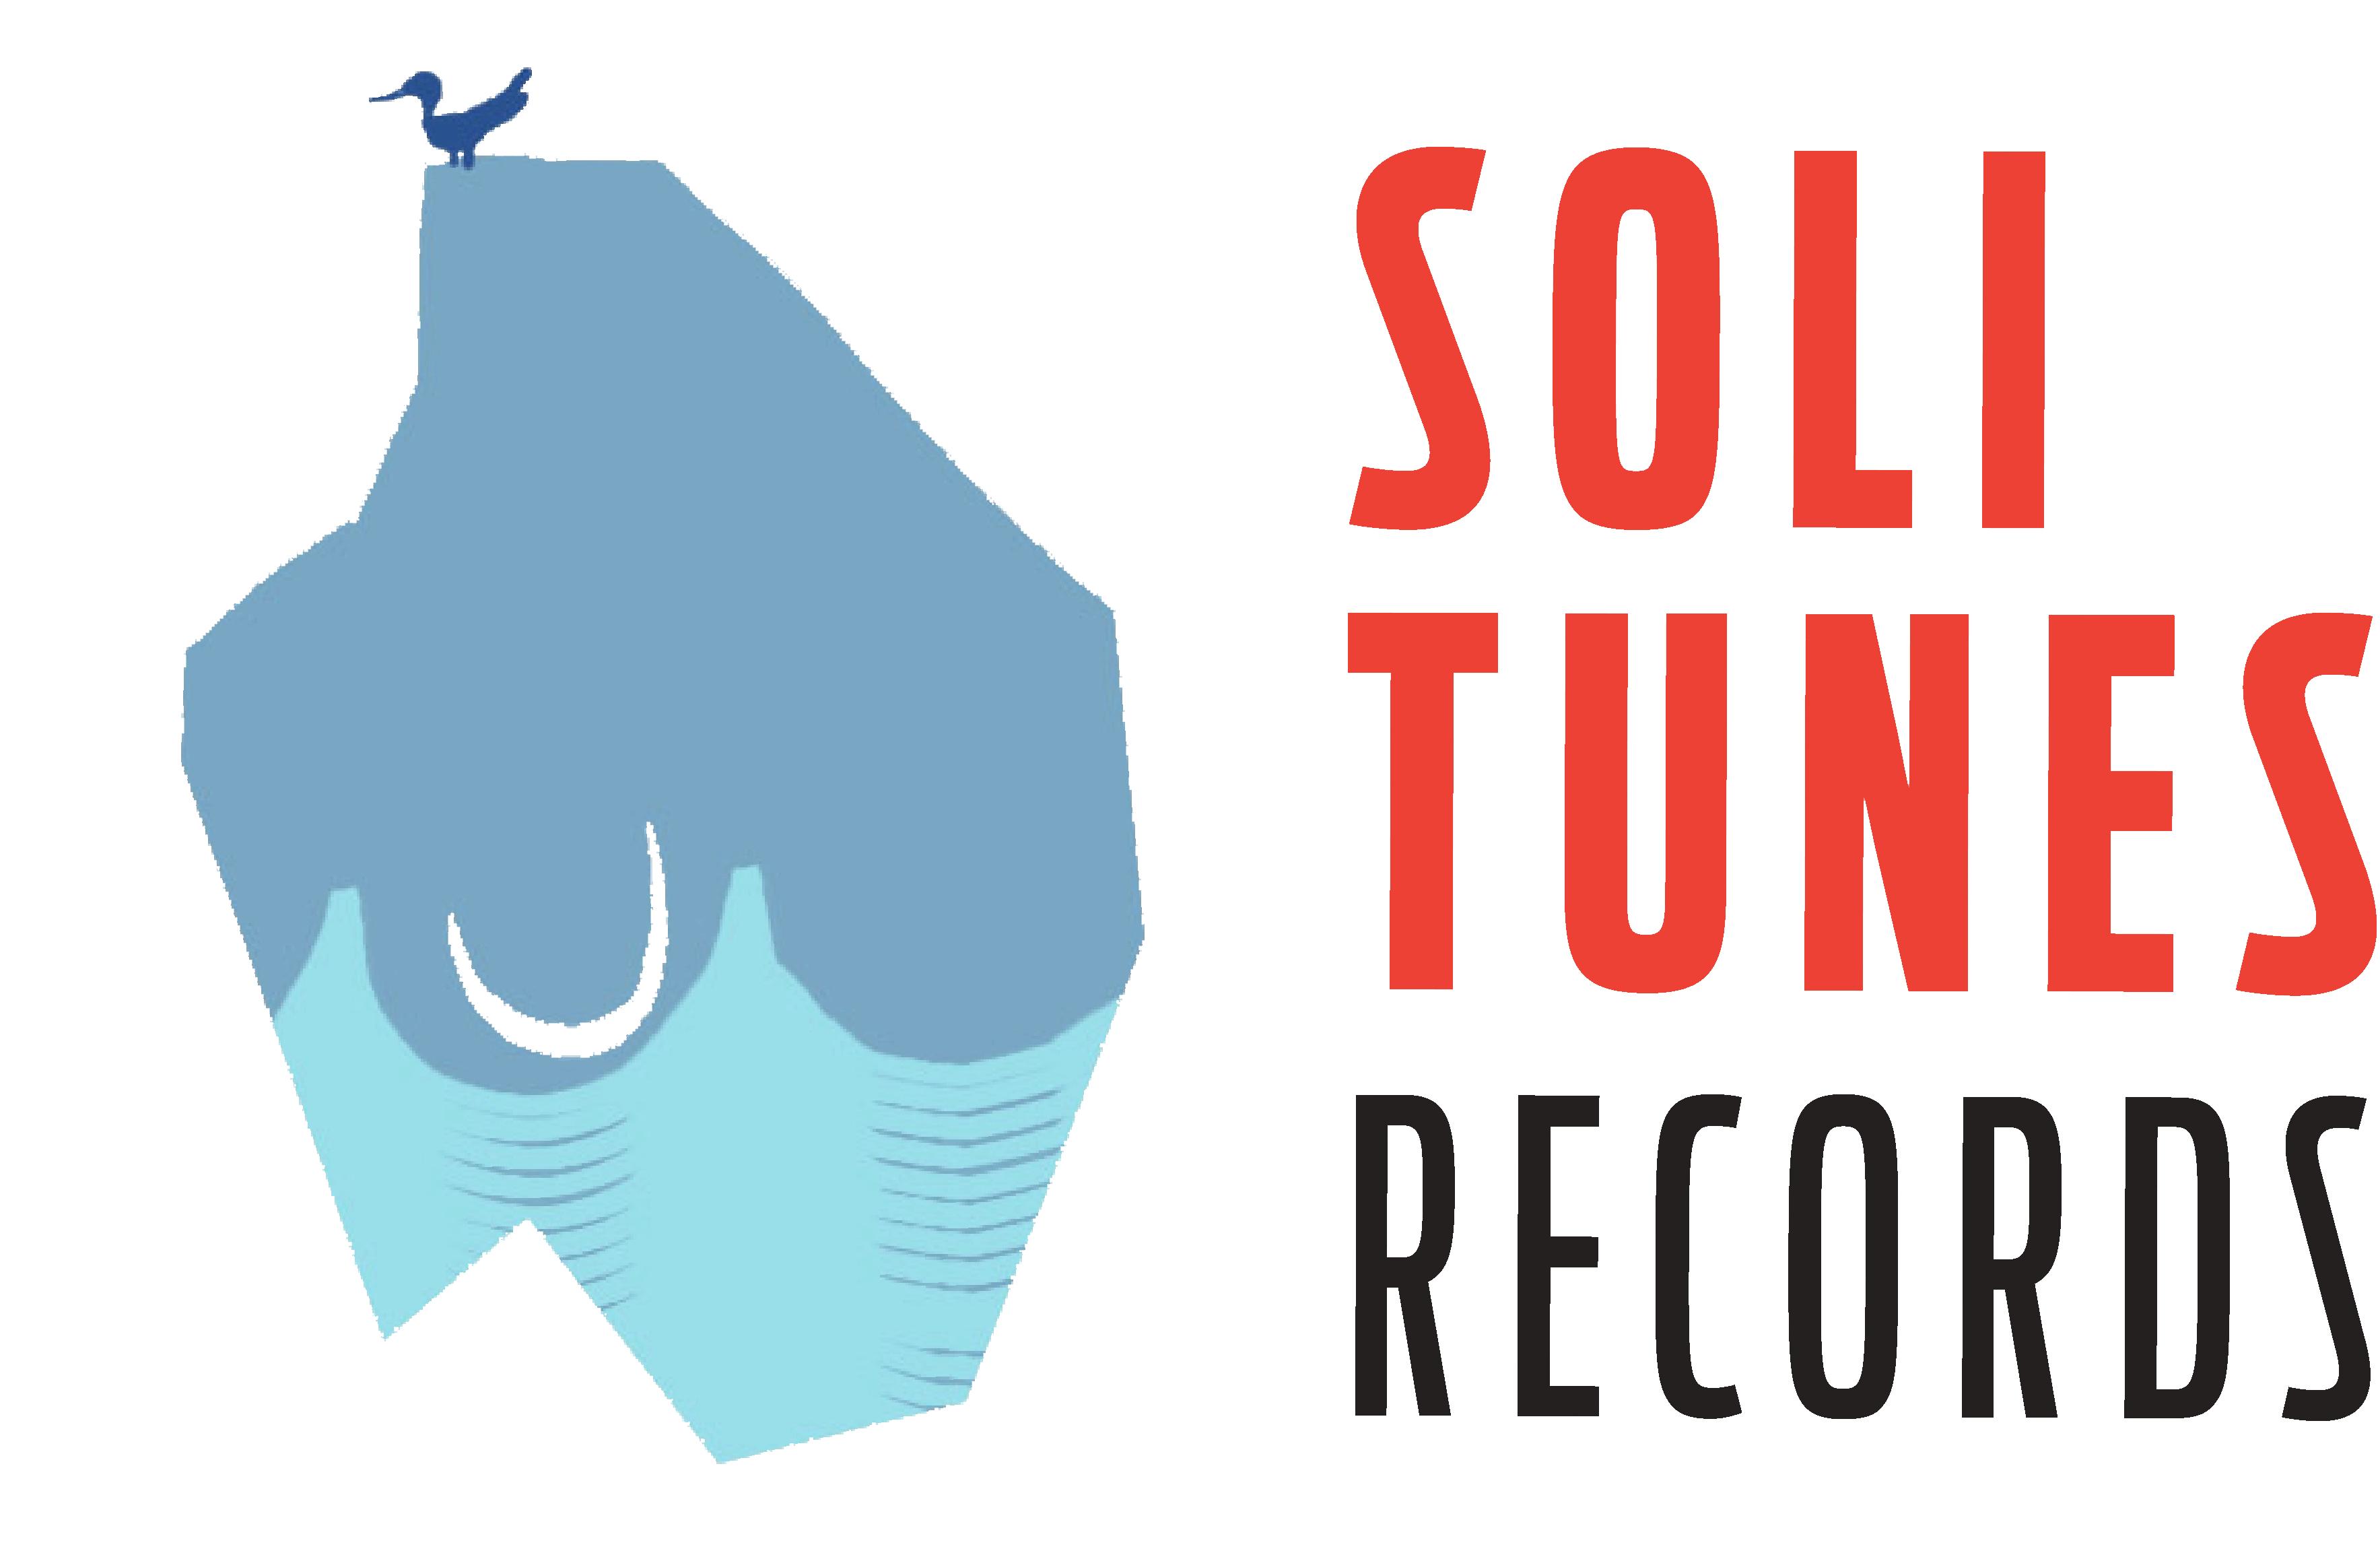 Solitunes